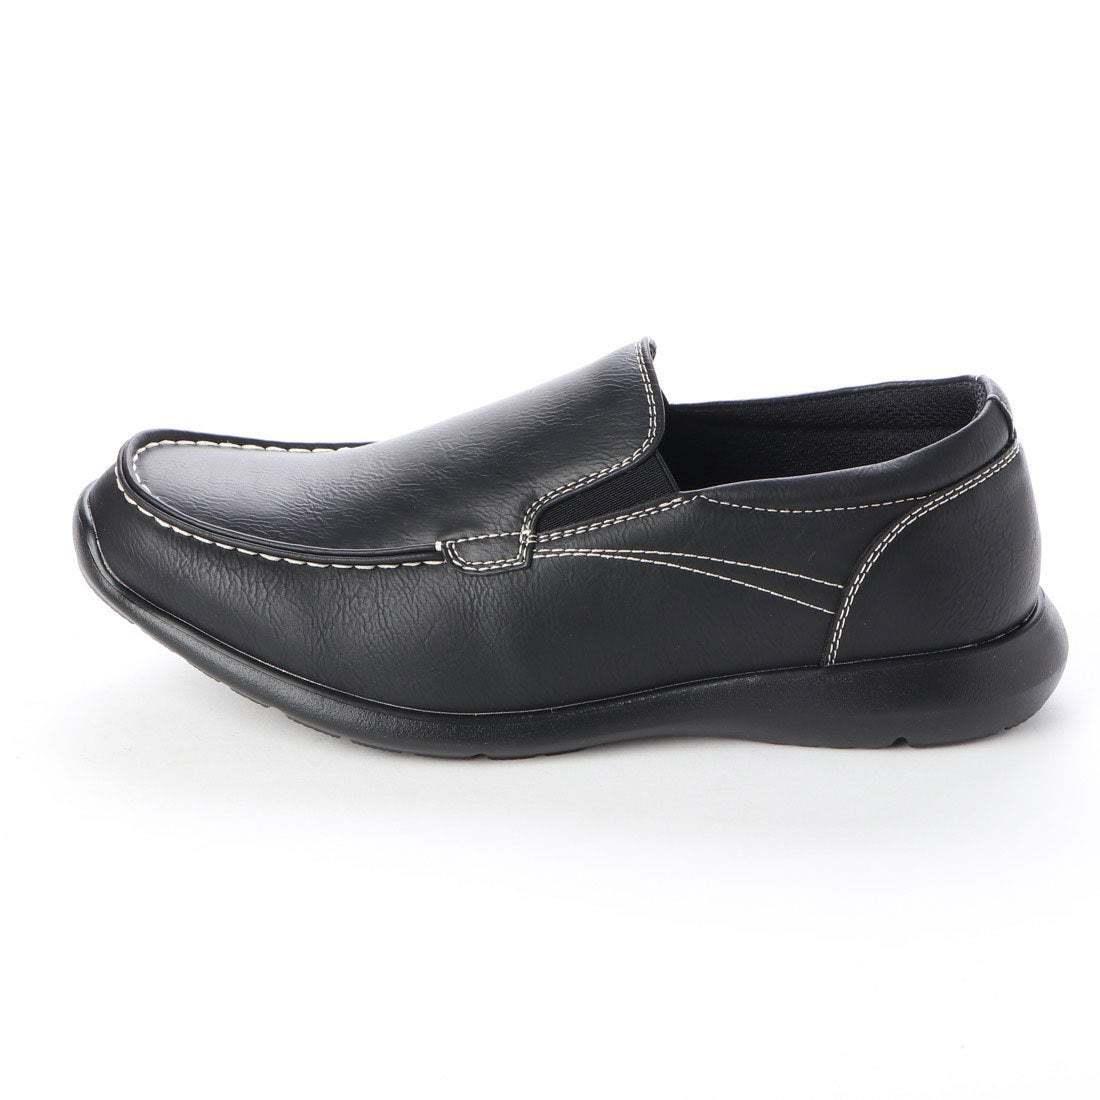 【安い】【超軽量】【防水】【幅広】GRAVITY FREE メンズ ウォーキング ビジネスシューズ 紳士靴 革靴 606 スリッポン ブラック 黒 25.0cm